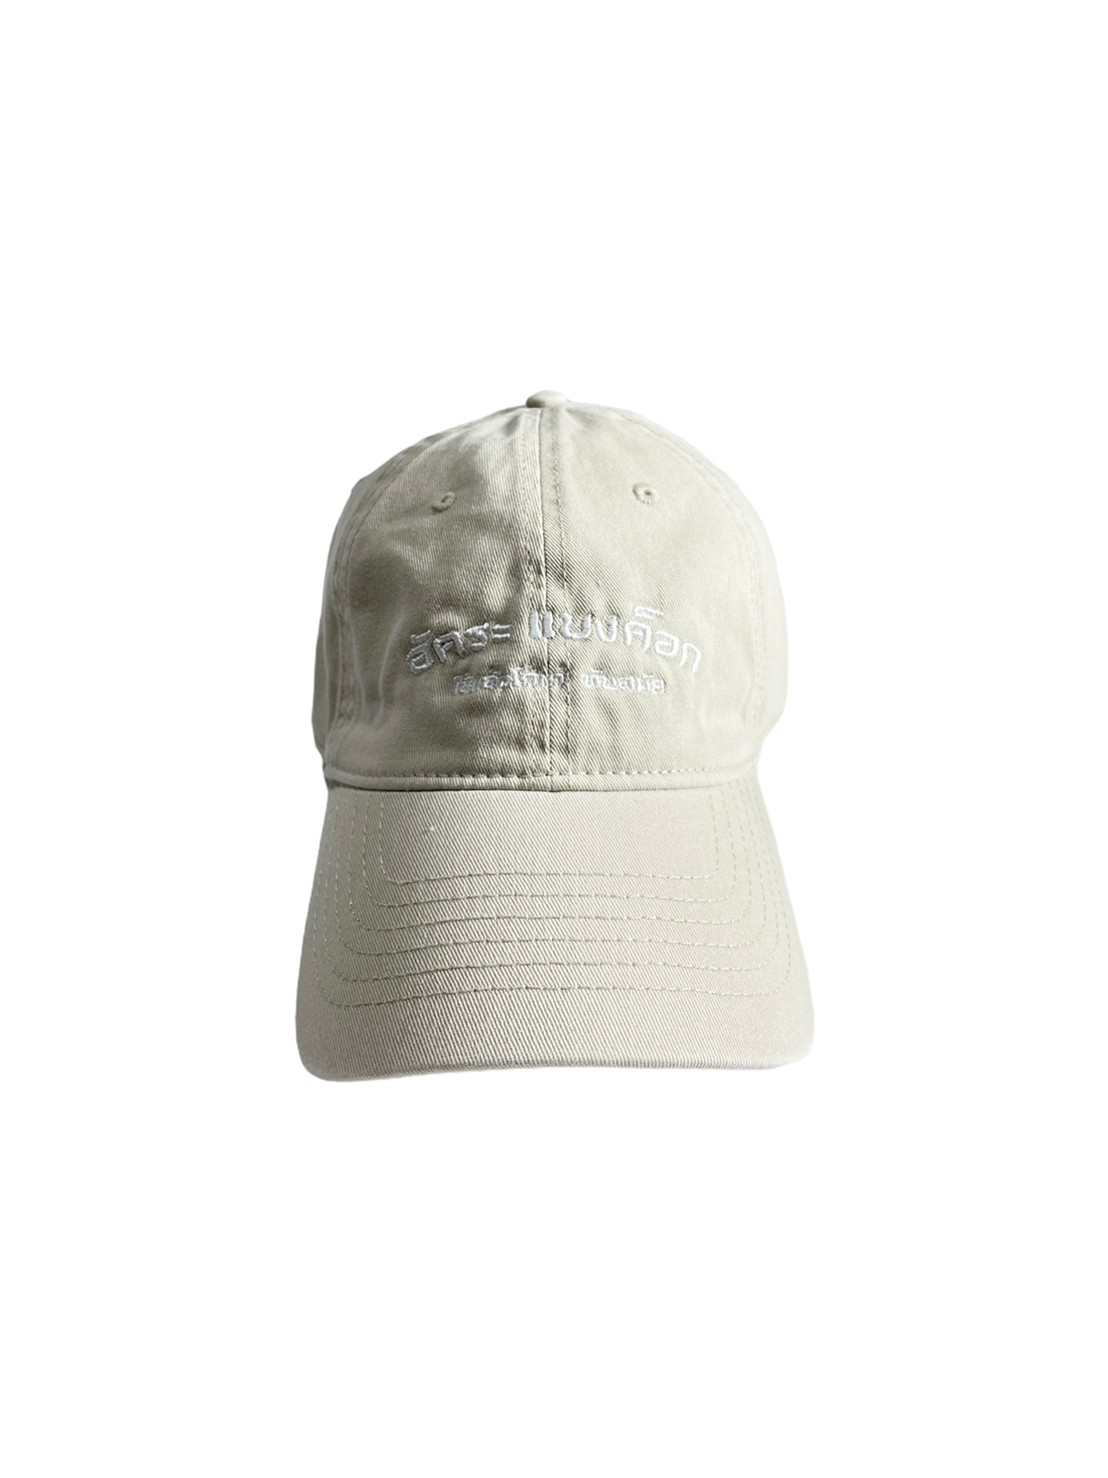 AKKARA Cap (Beige)